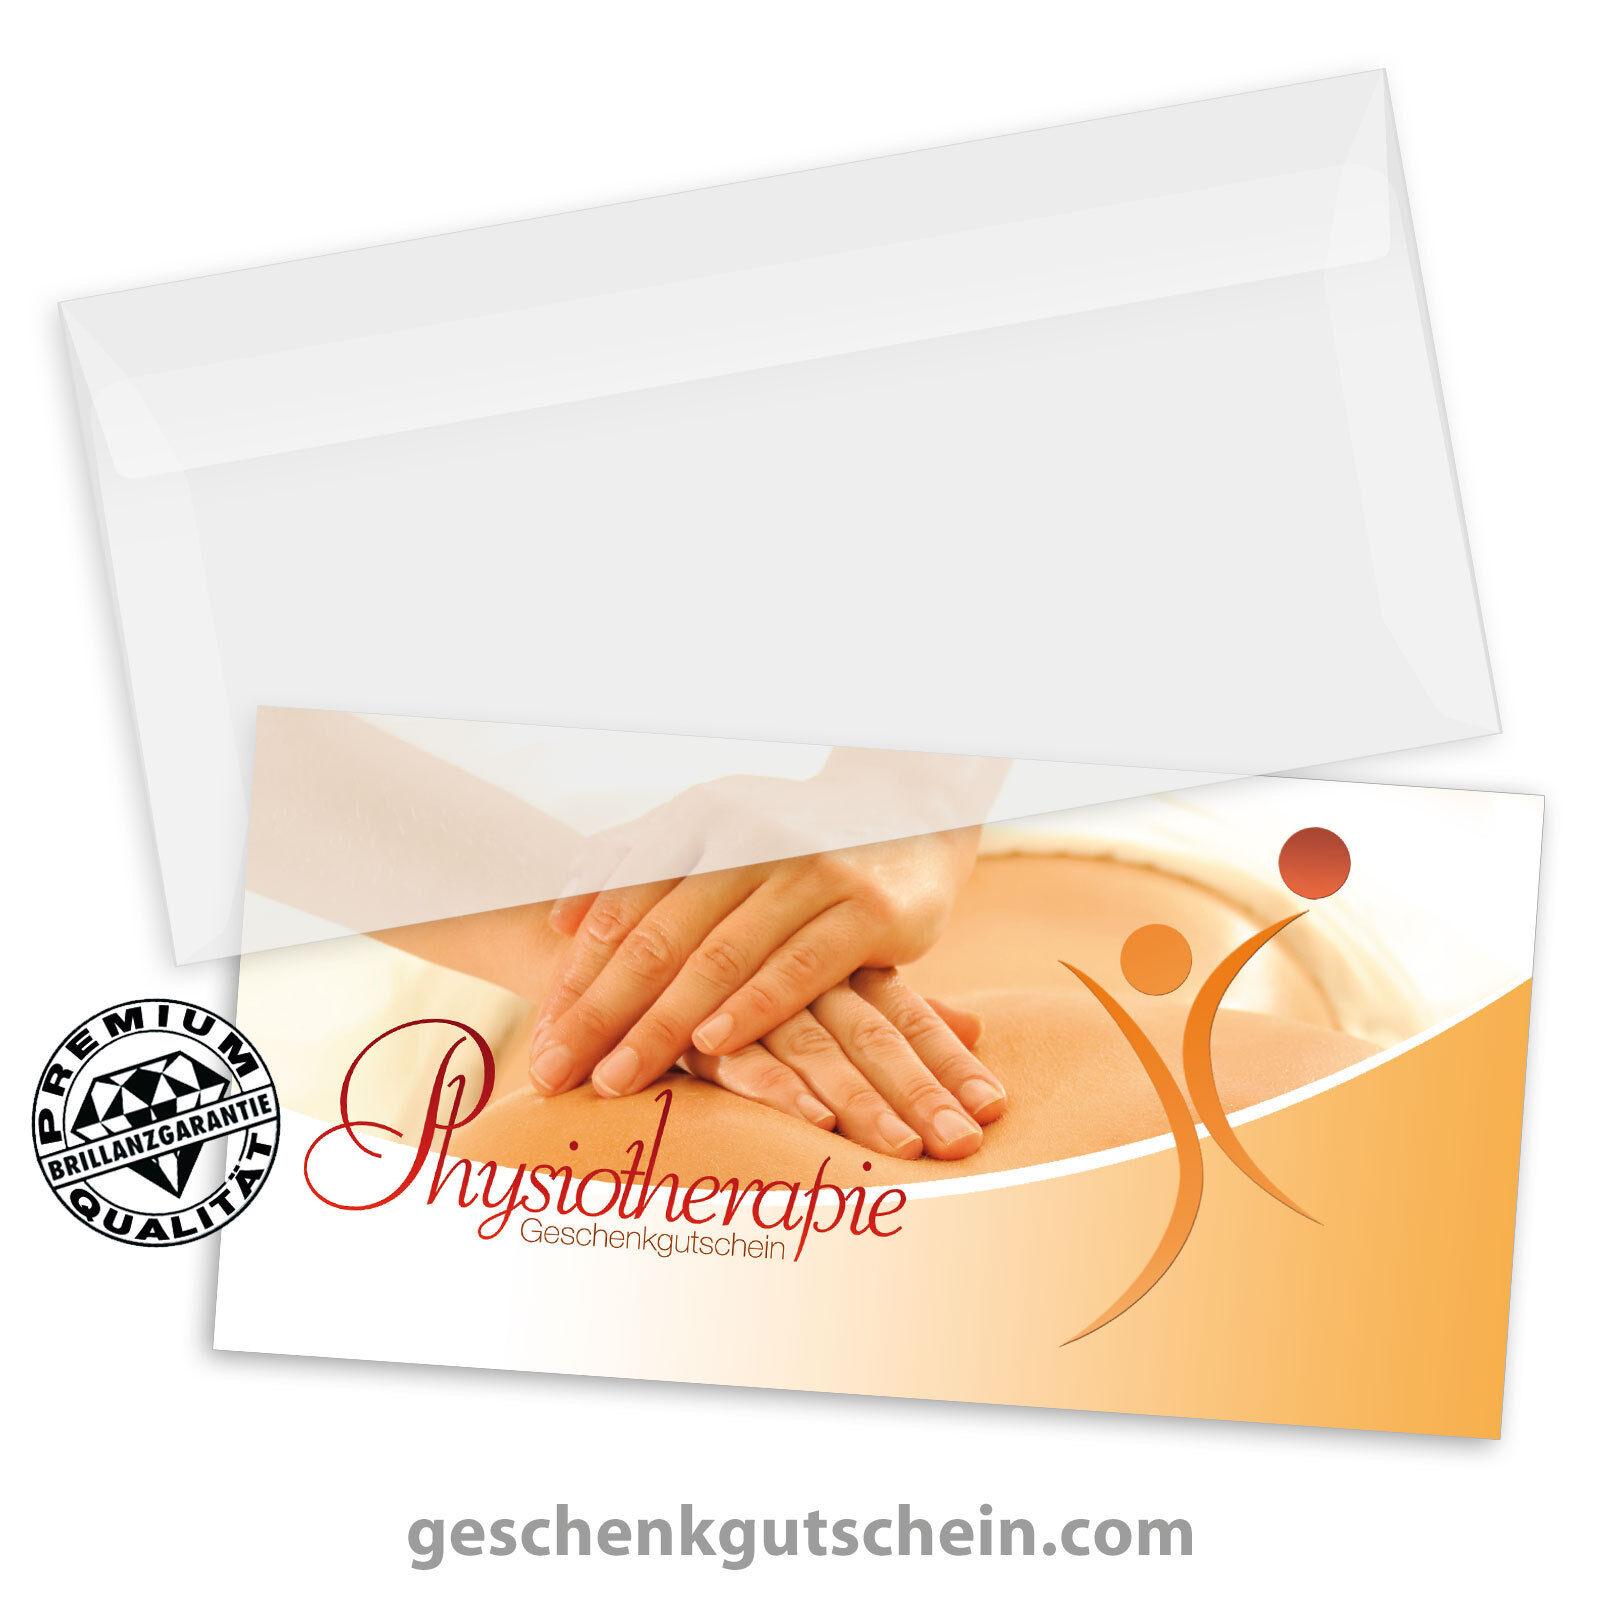 Gutscheinkarten  DINlang  mit KuGrüns für die Physiotherapie MA9242